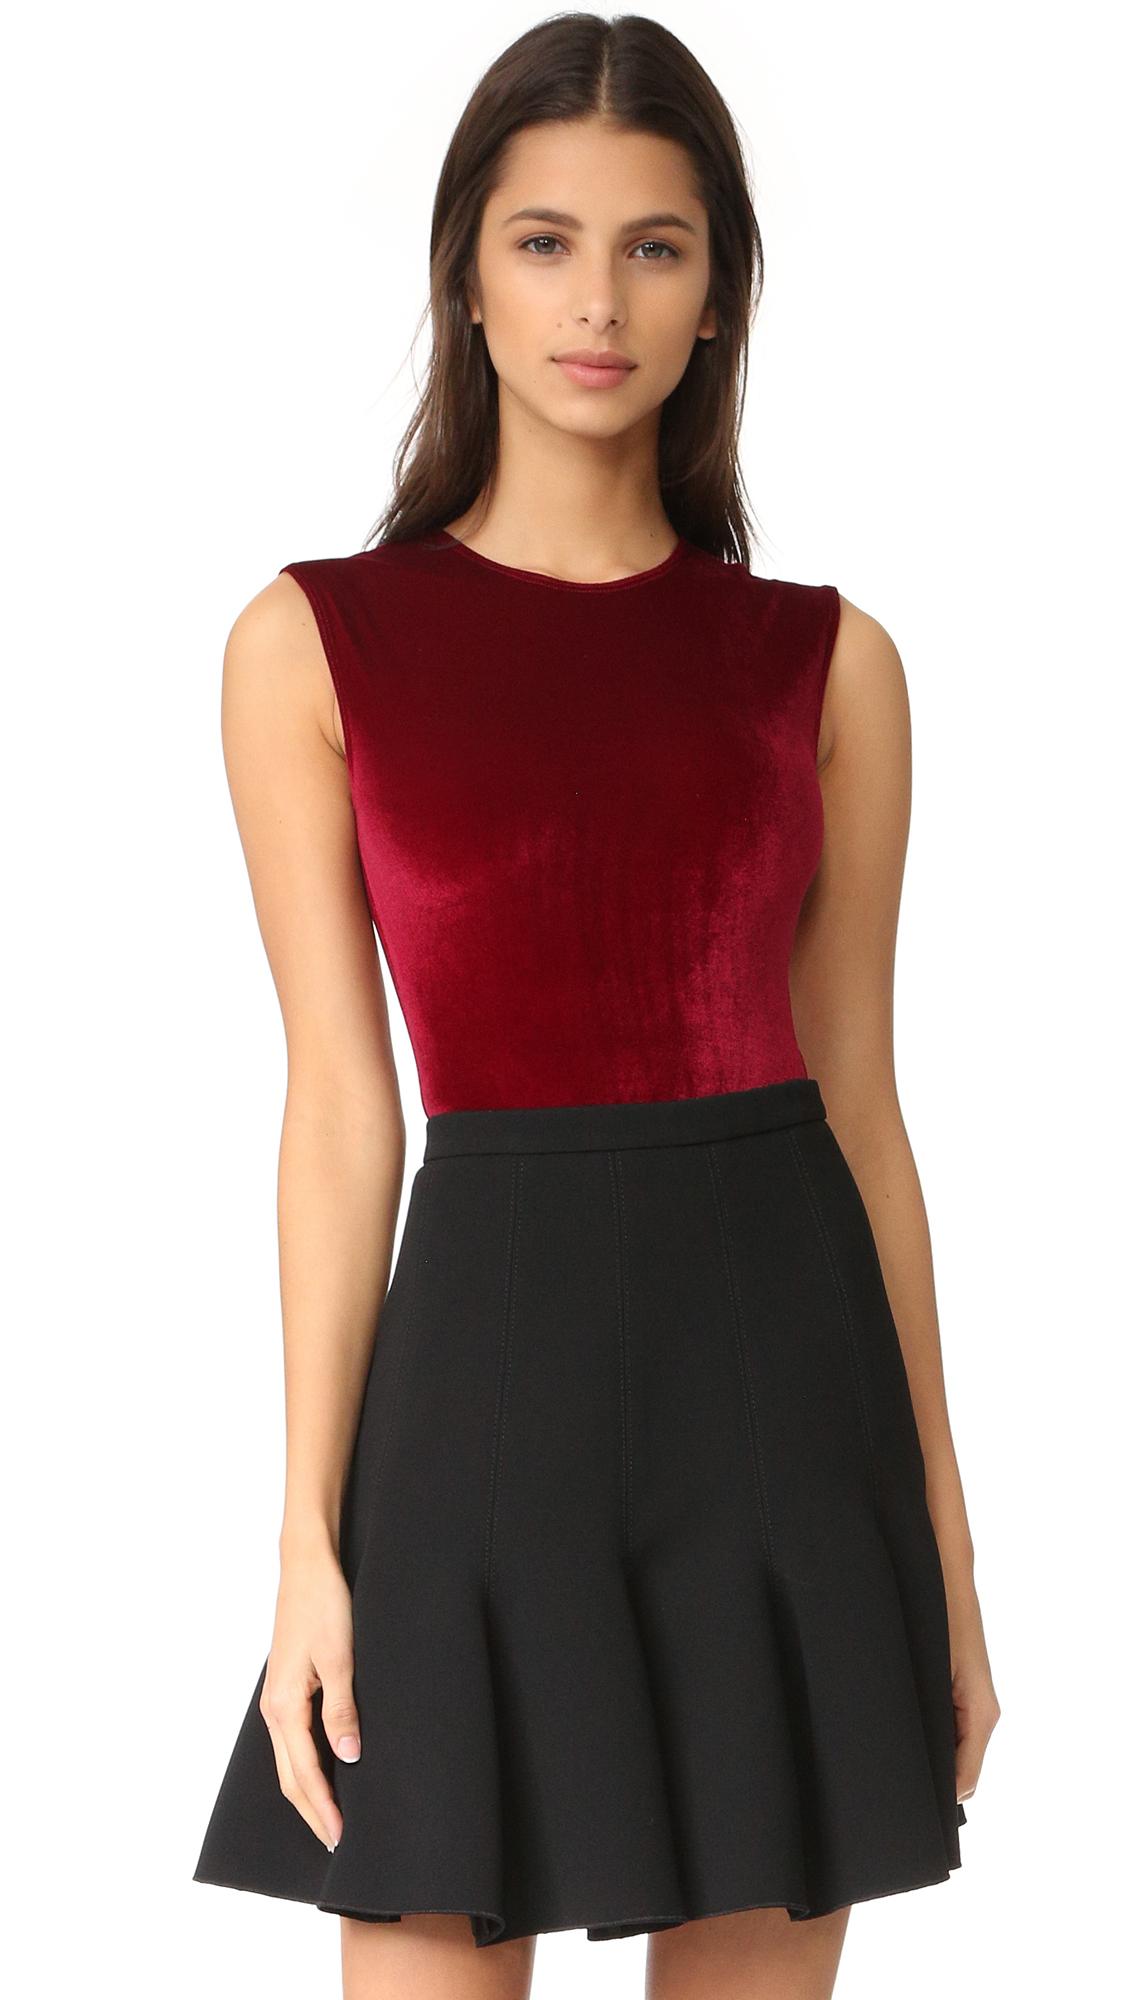 Alix Lenox Velour Thong Bodysuit - Bordeaux at Shopbop